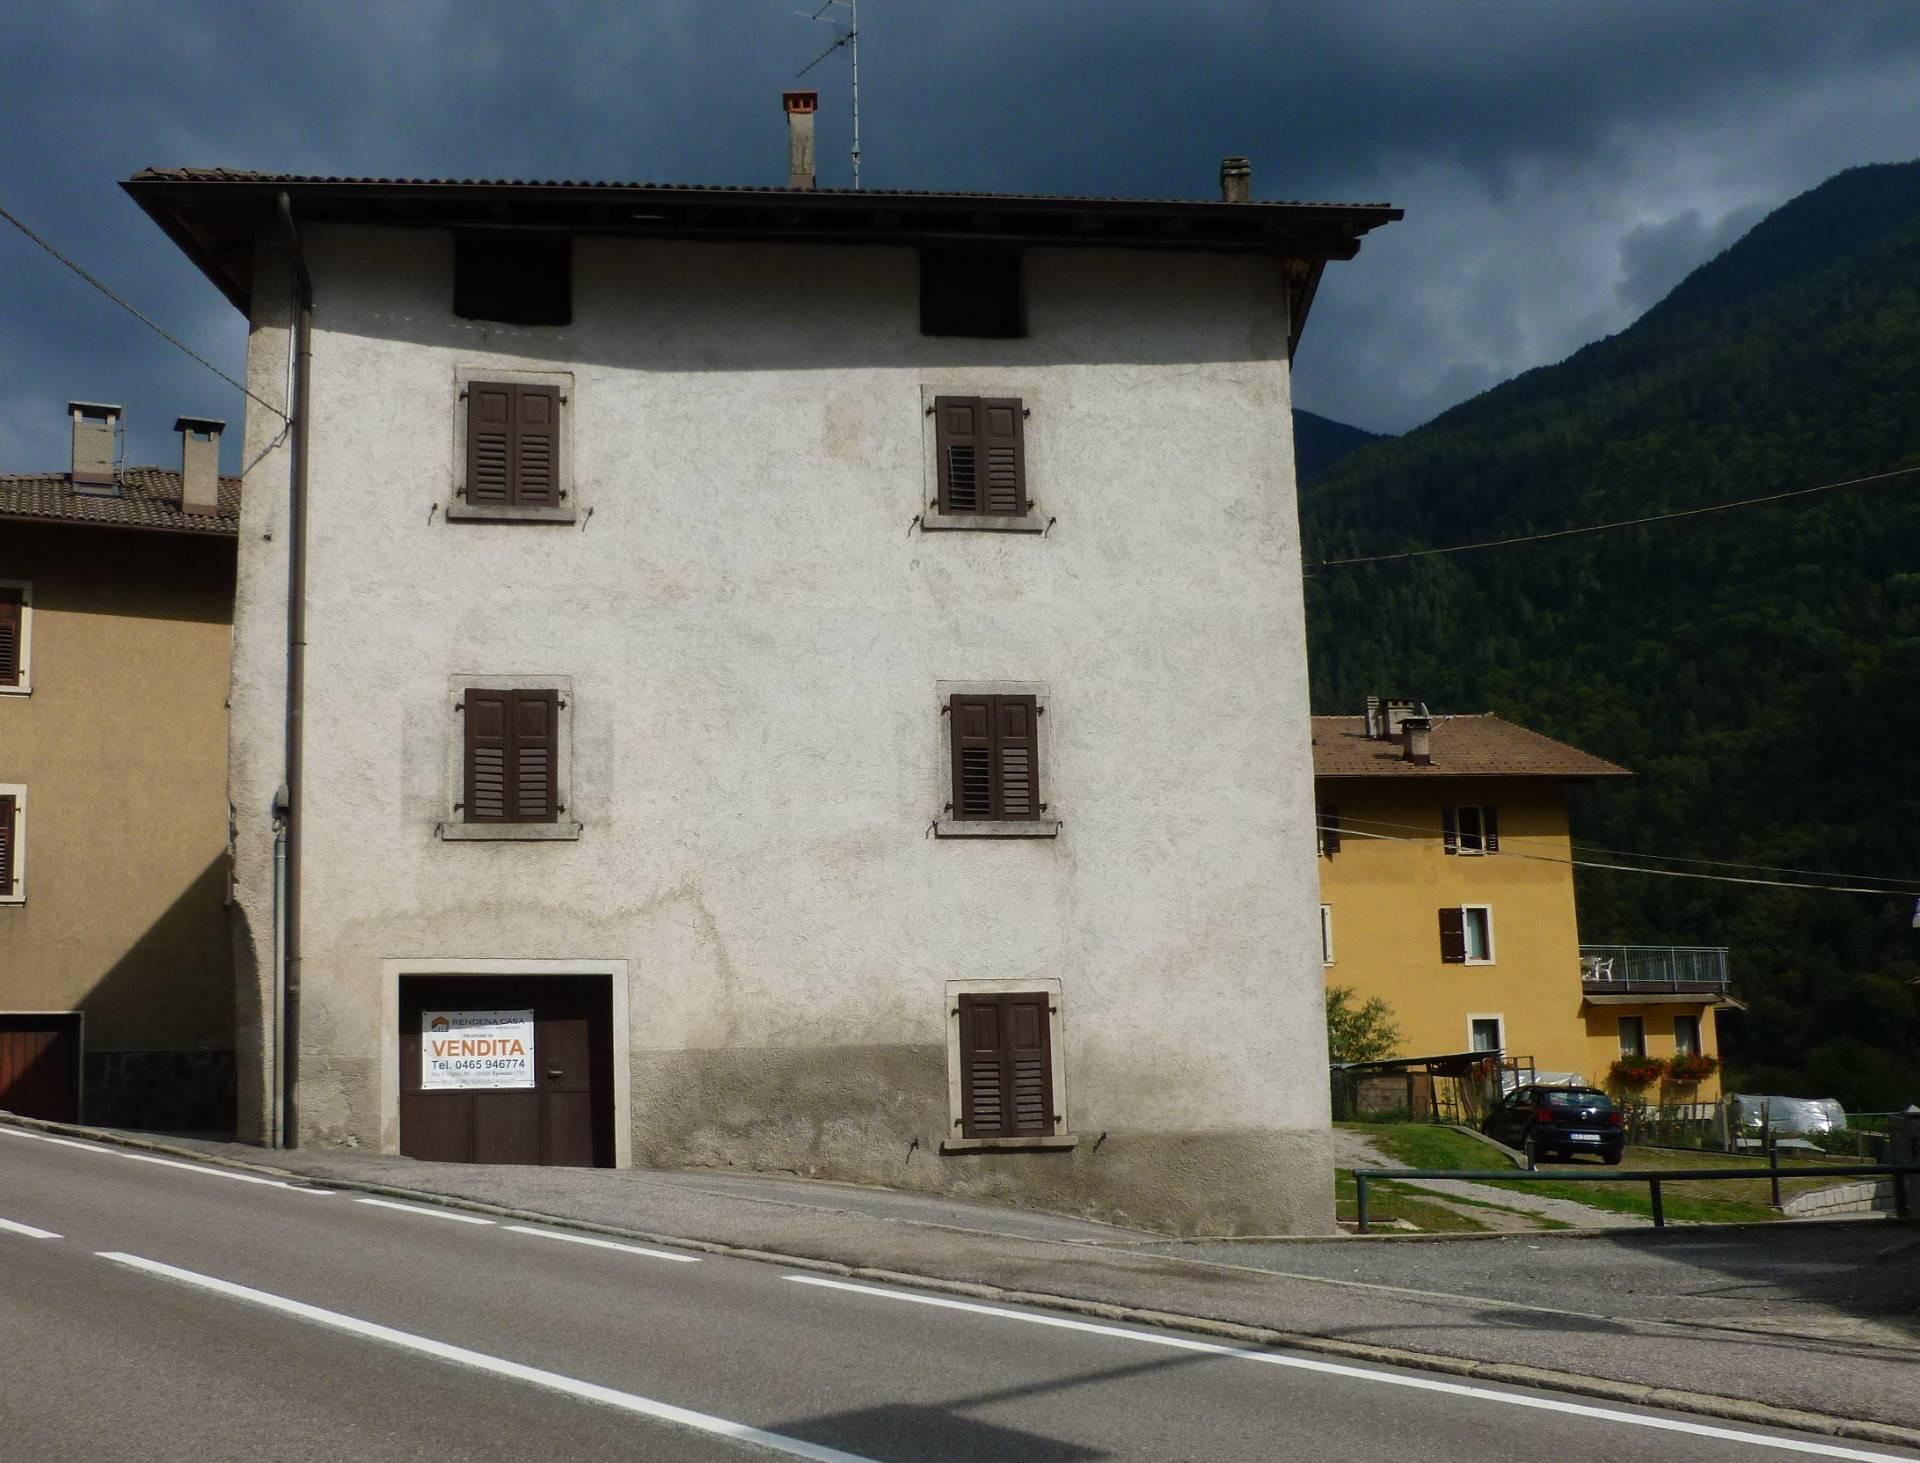 Soluzione Indipendente in vendita a Spiazzo, 6 locali, zona Zona: Mortaso, prezzo € 150.000 | CambioCasa.it